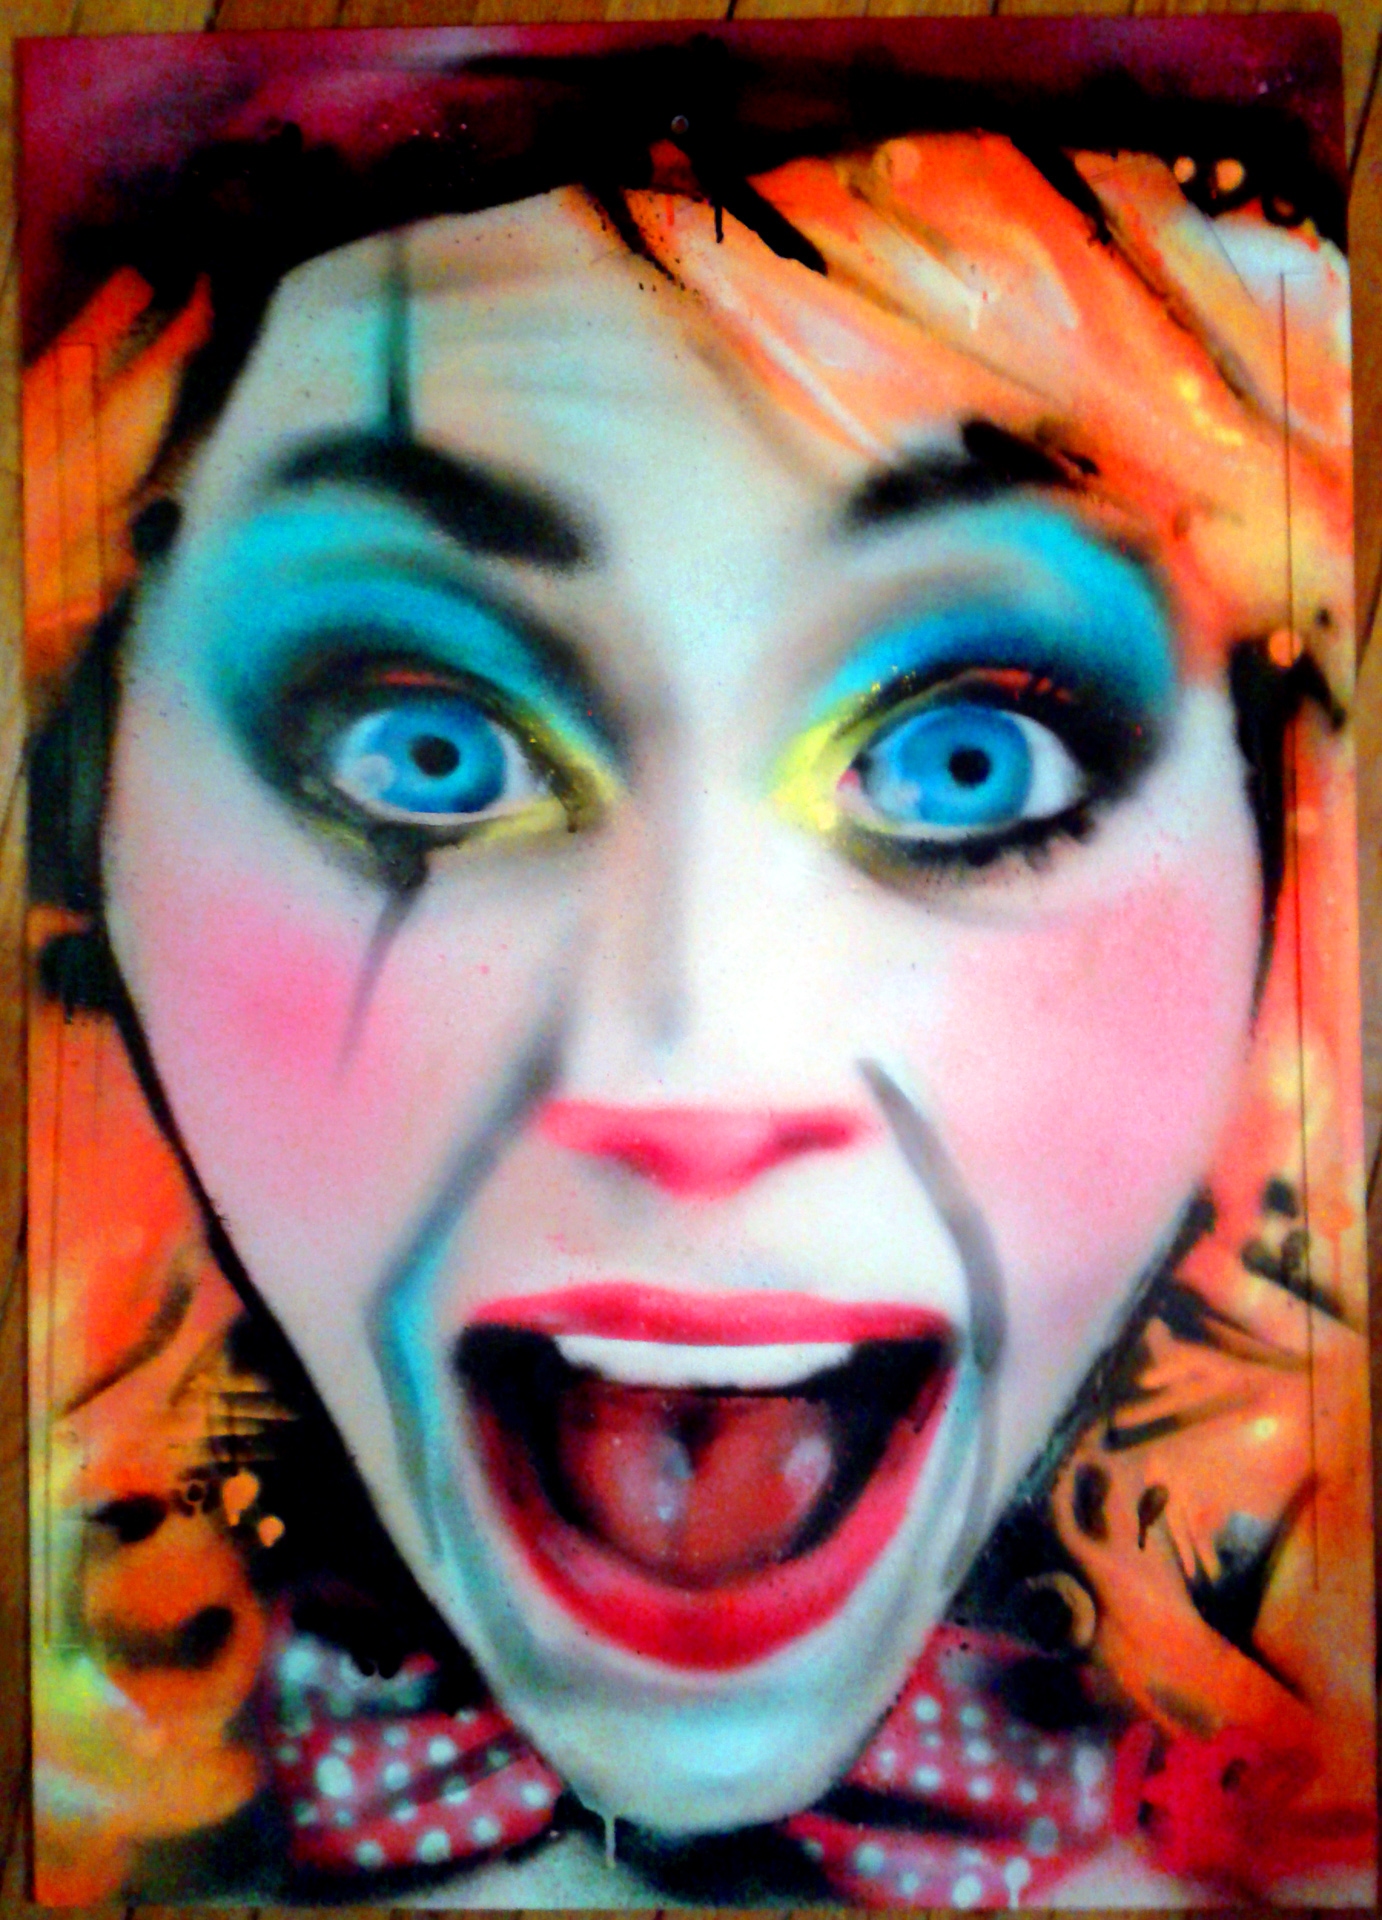 Portraits aérosol sur toile (2) : Clown.